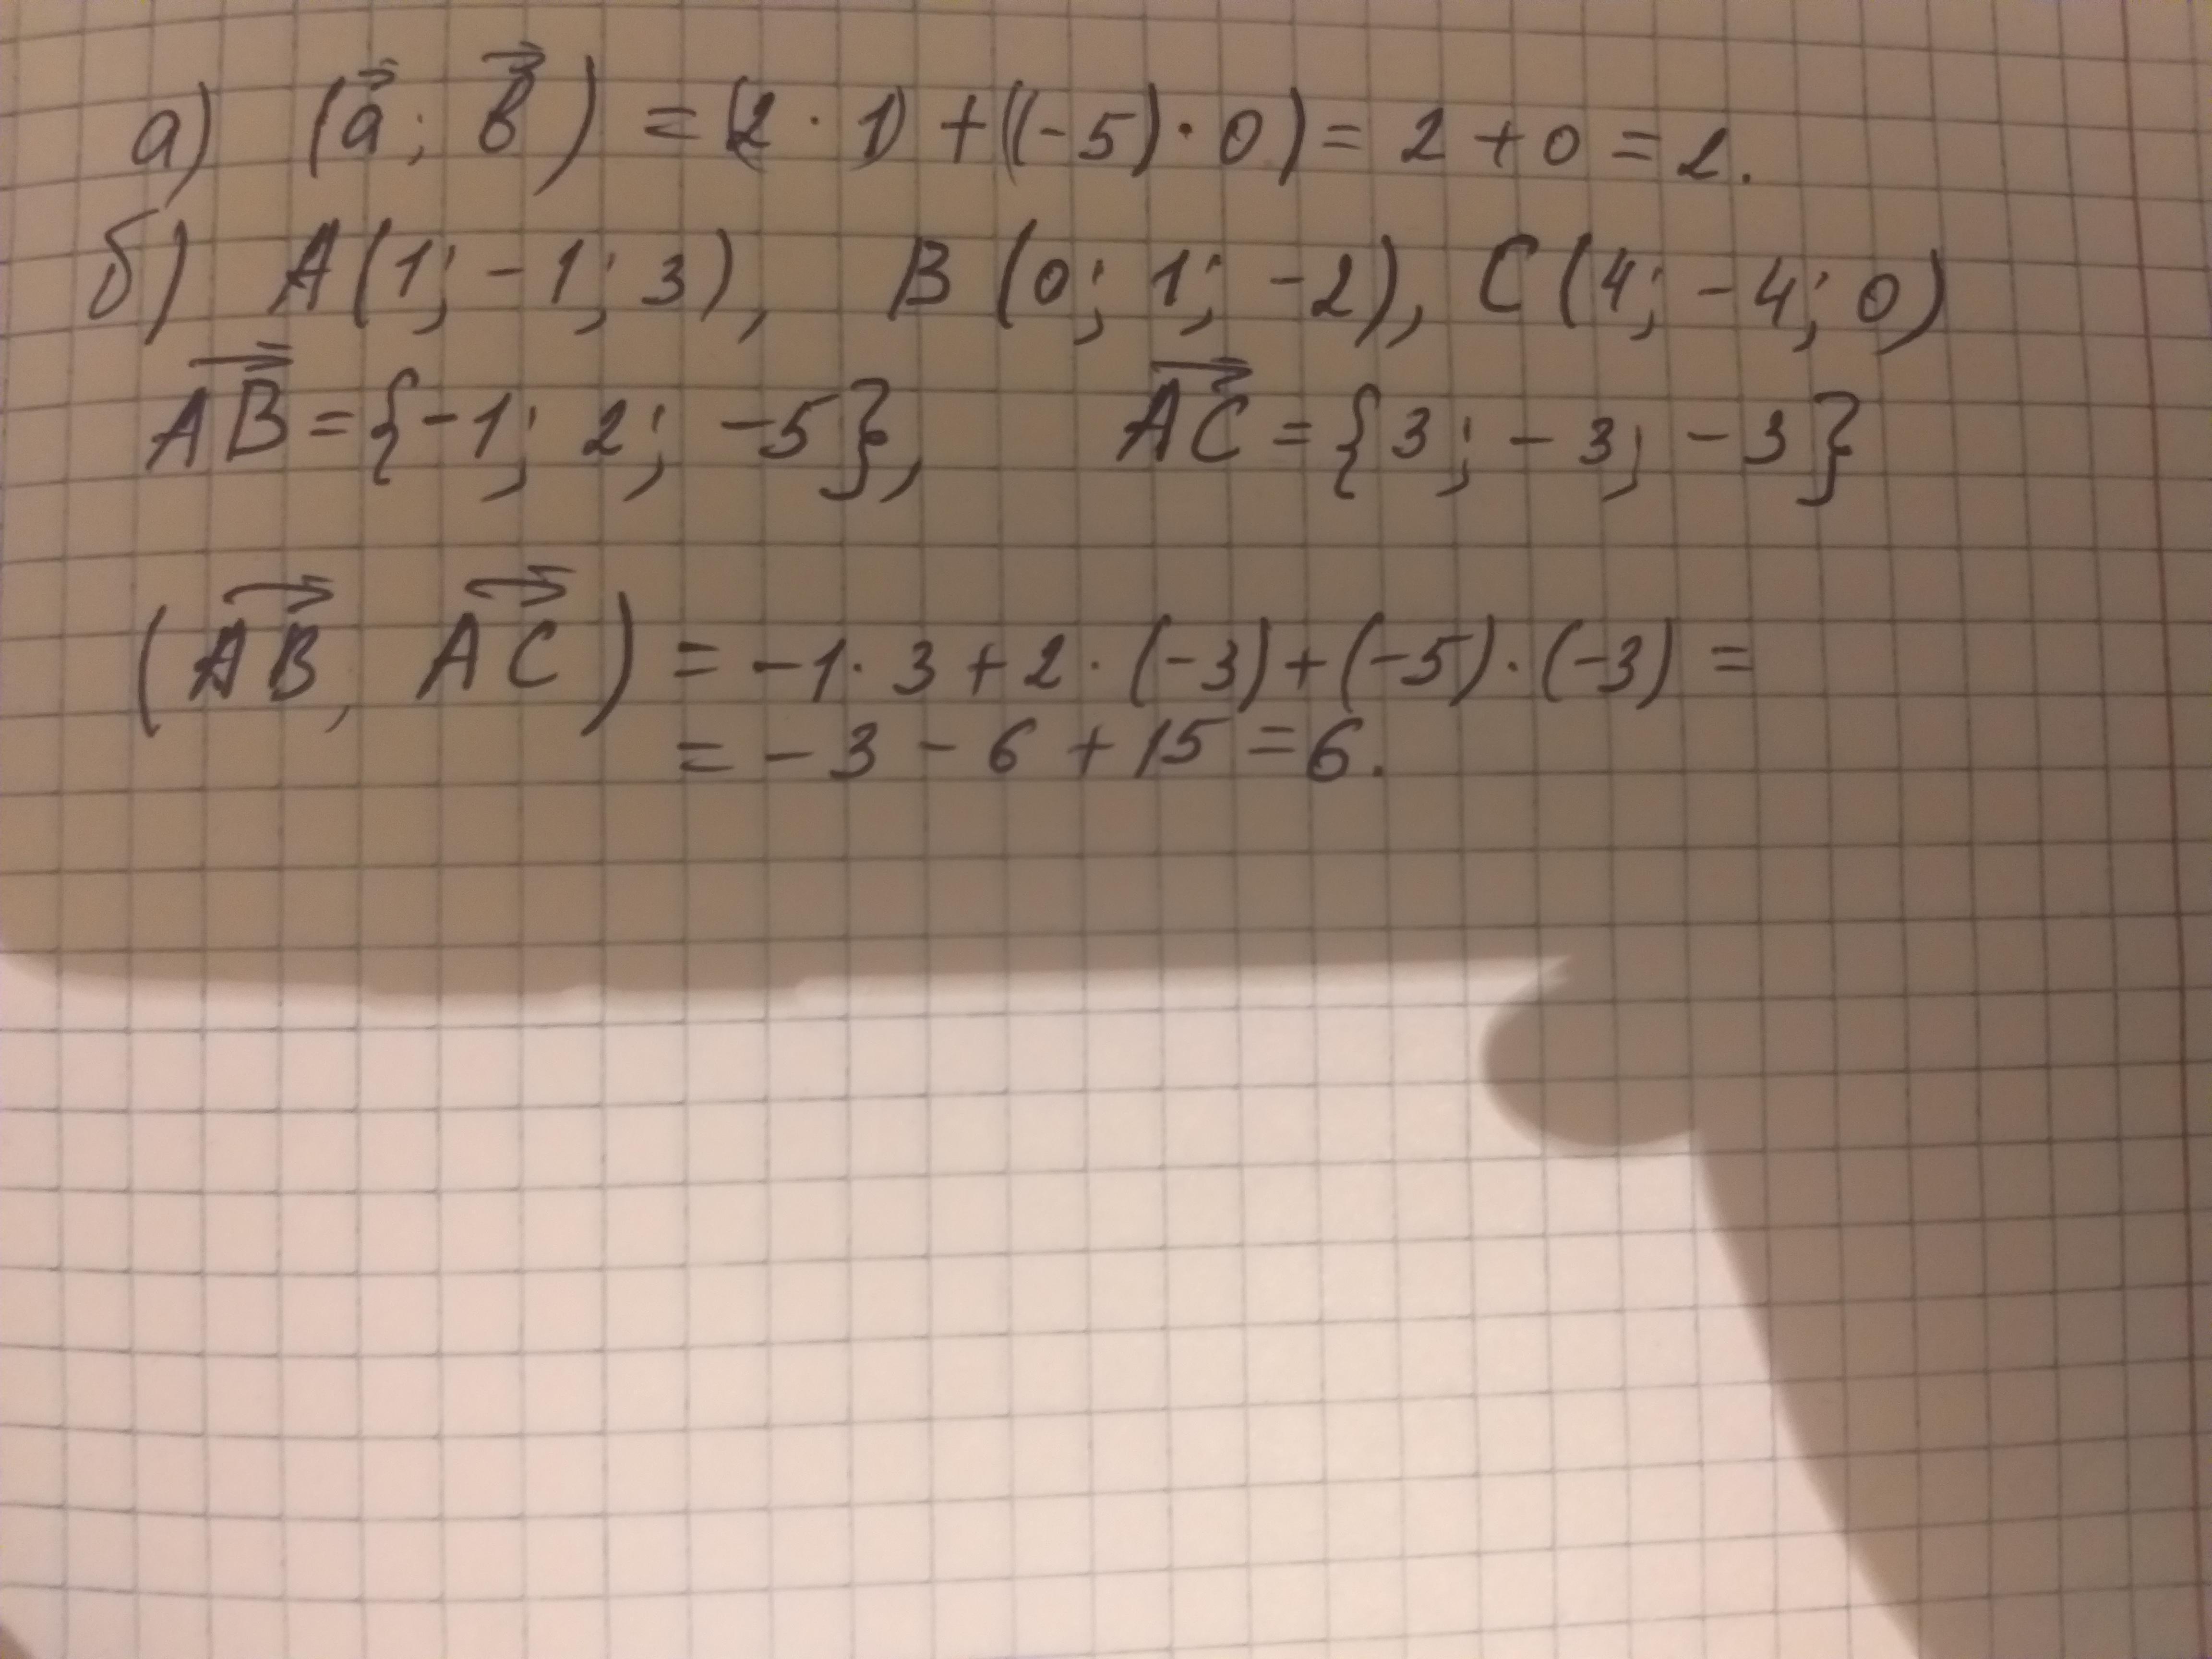 Найти скалярное произведение векторов: a)